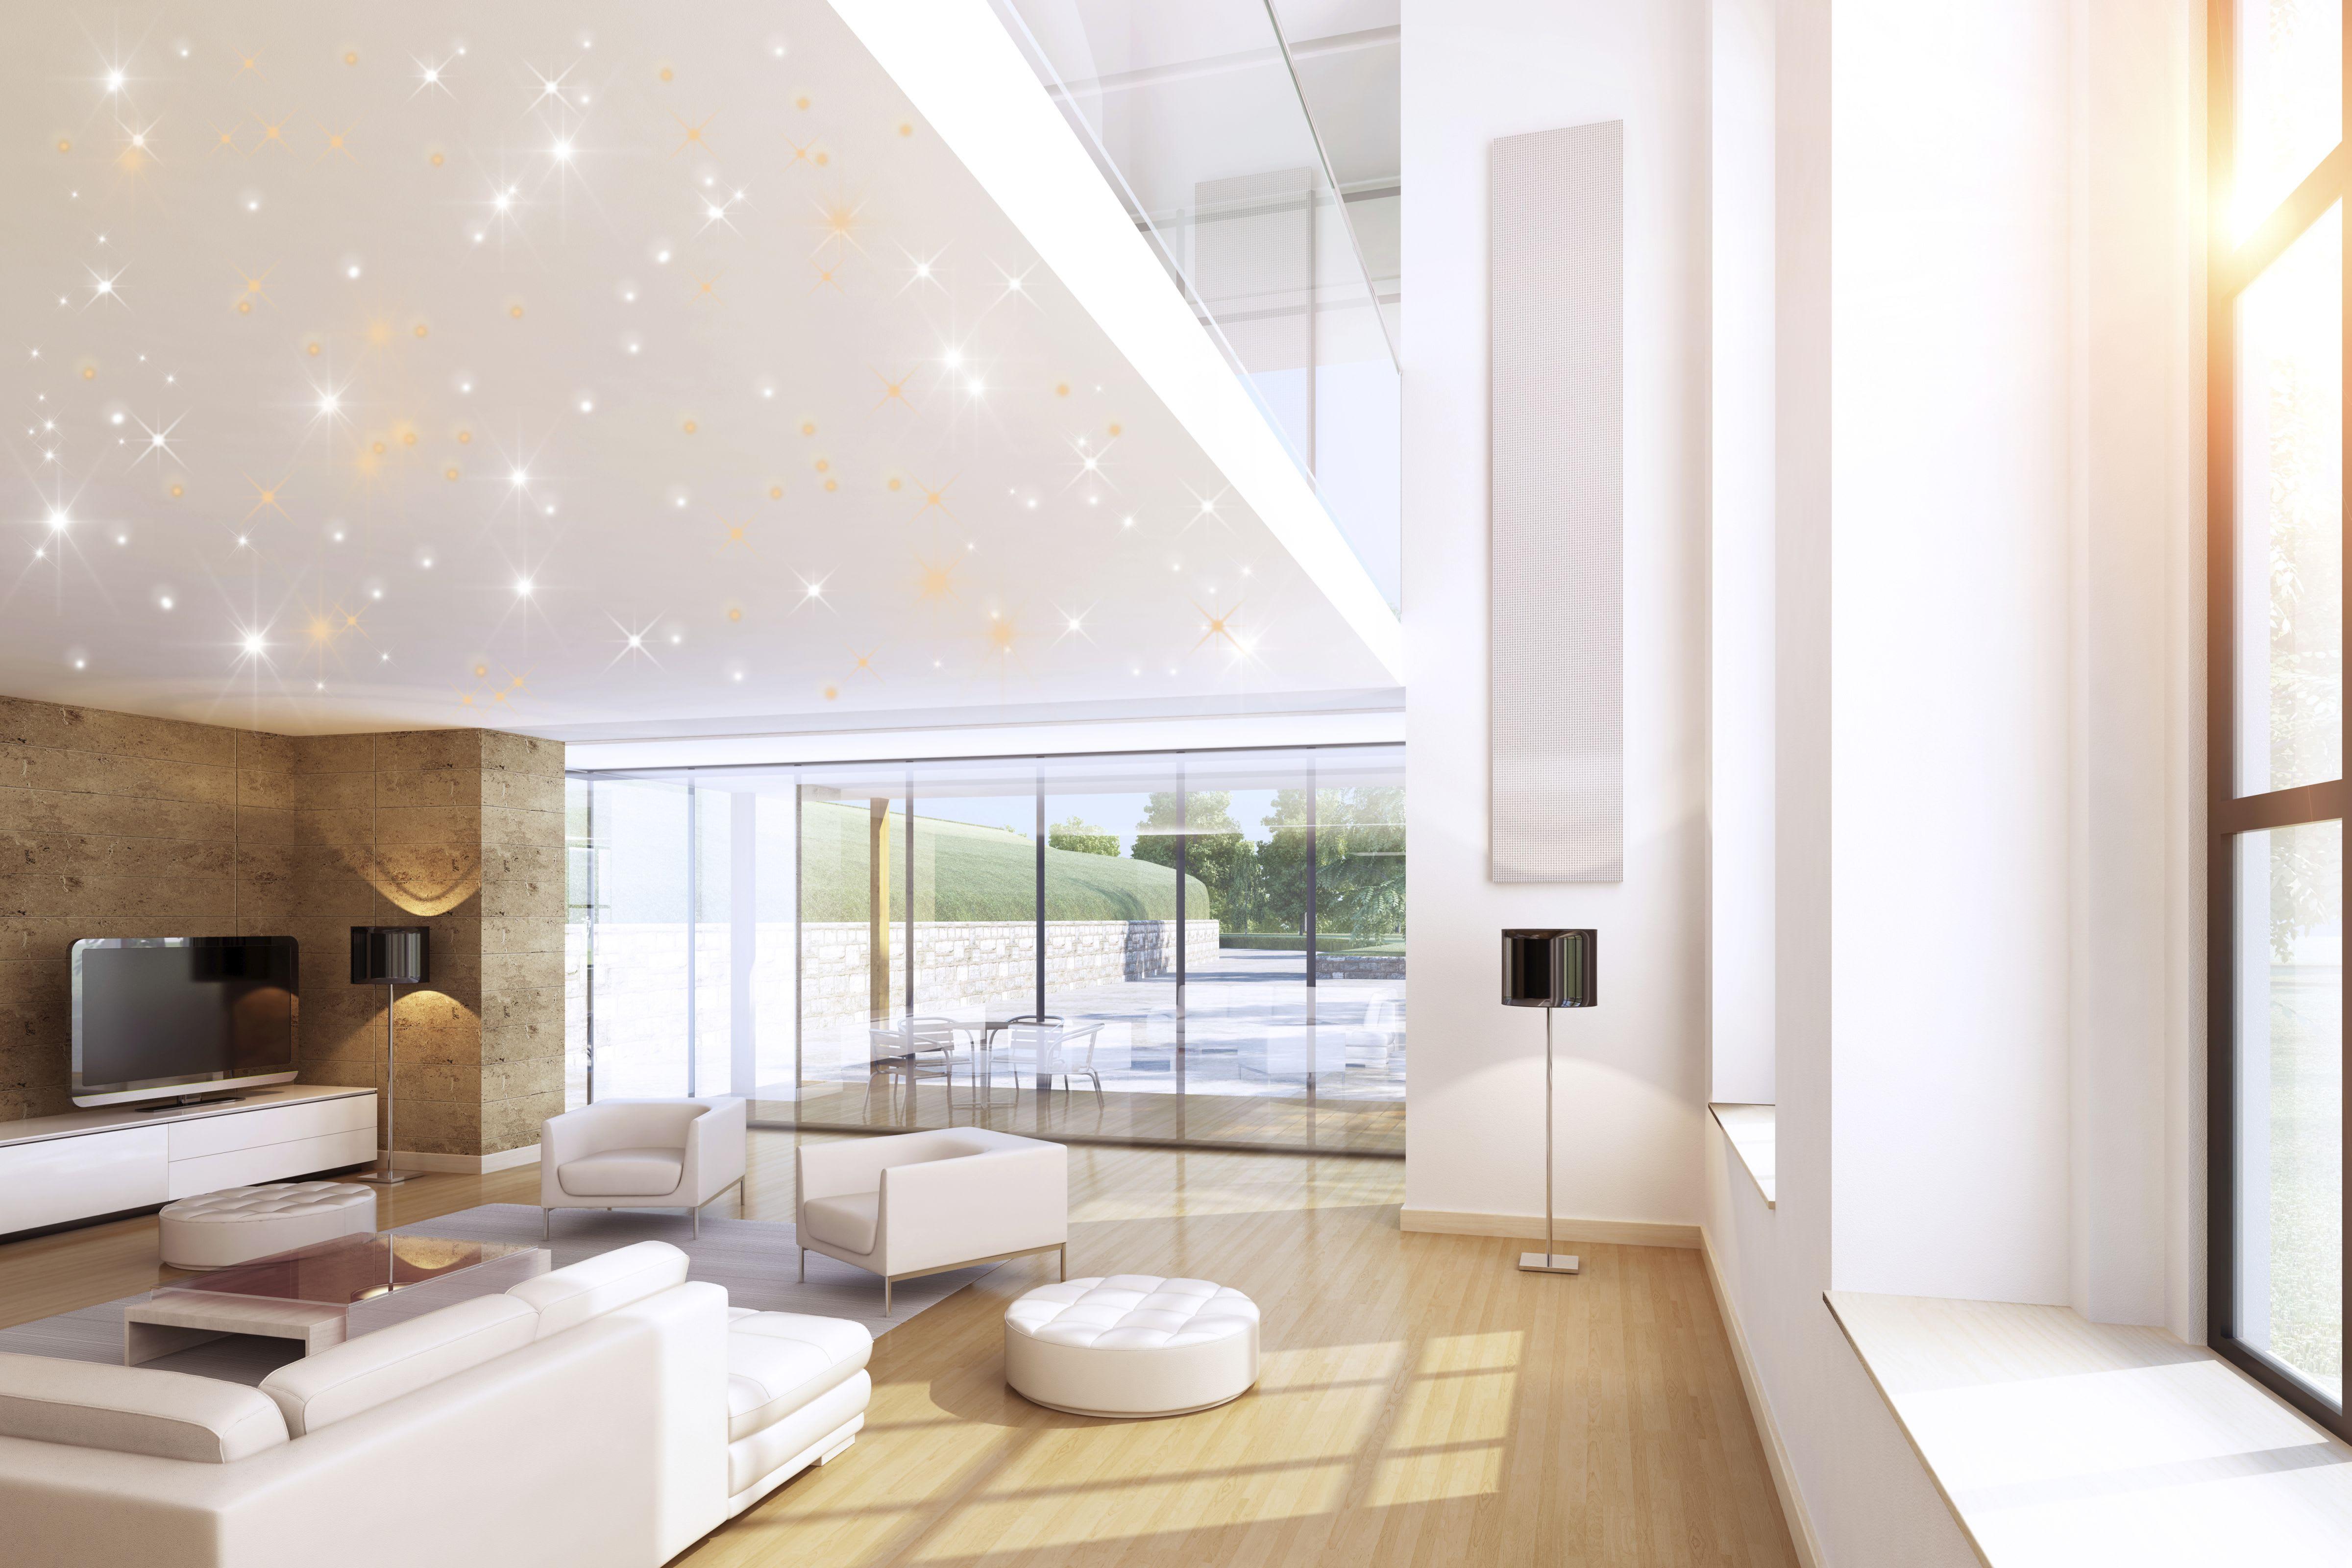 LED Sternenhimmel und Dekorationen mit PIXLUM - ART Decken